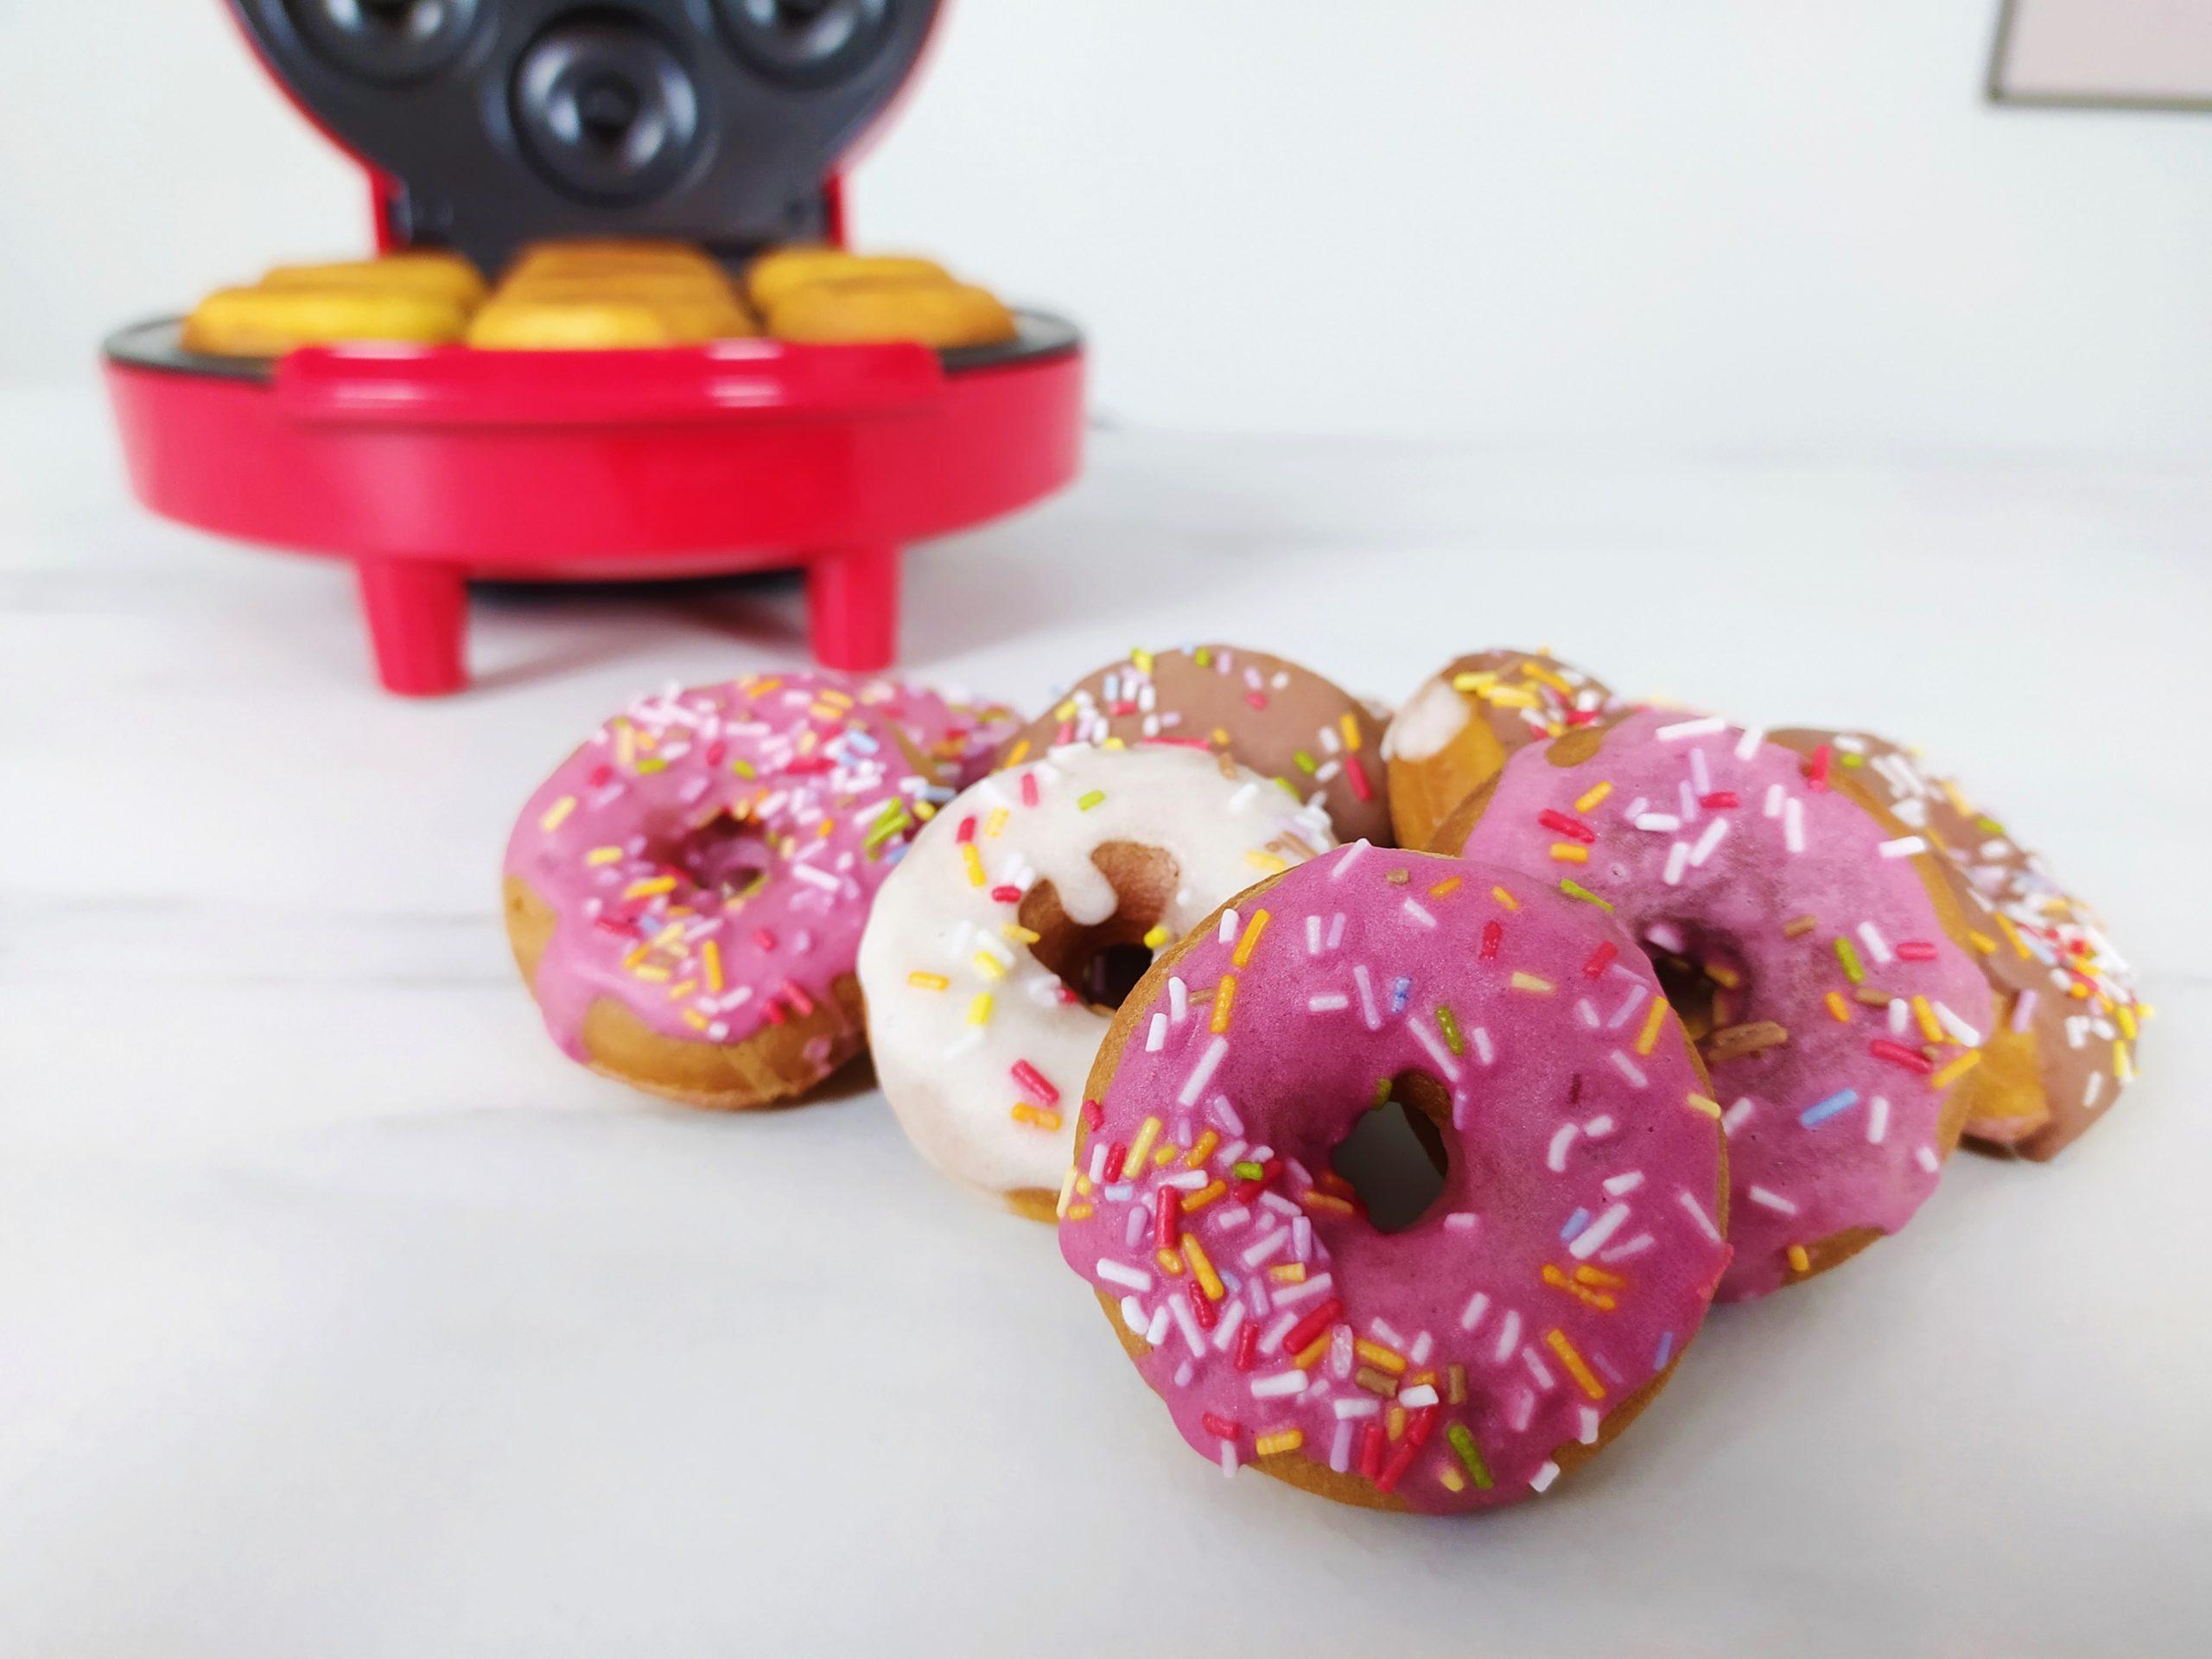 Appareil à donuts Silvercrest de lidl